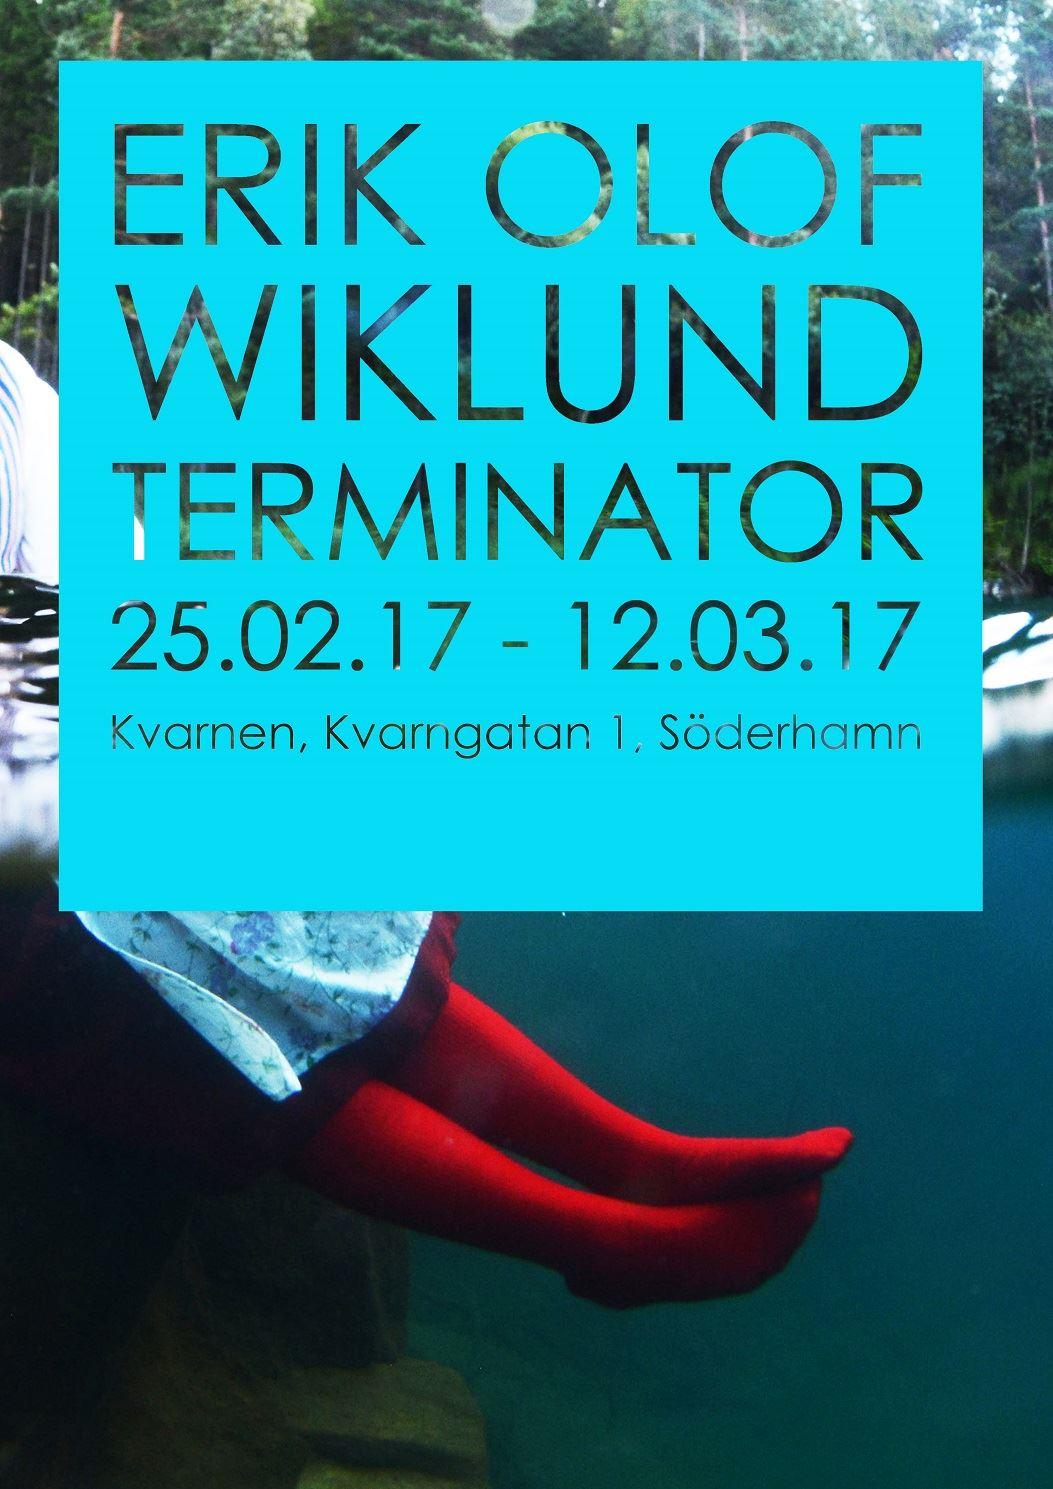 Erik Olof Wiklund Terminator